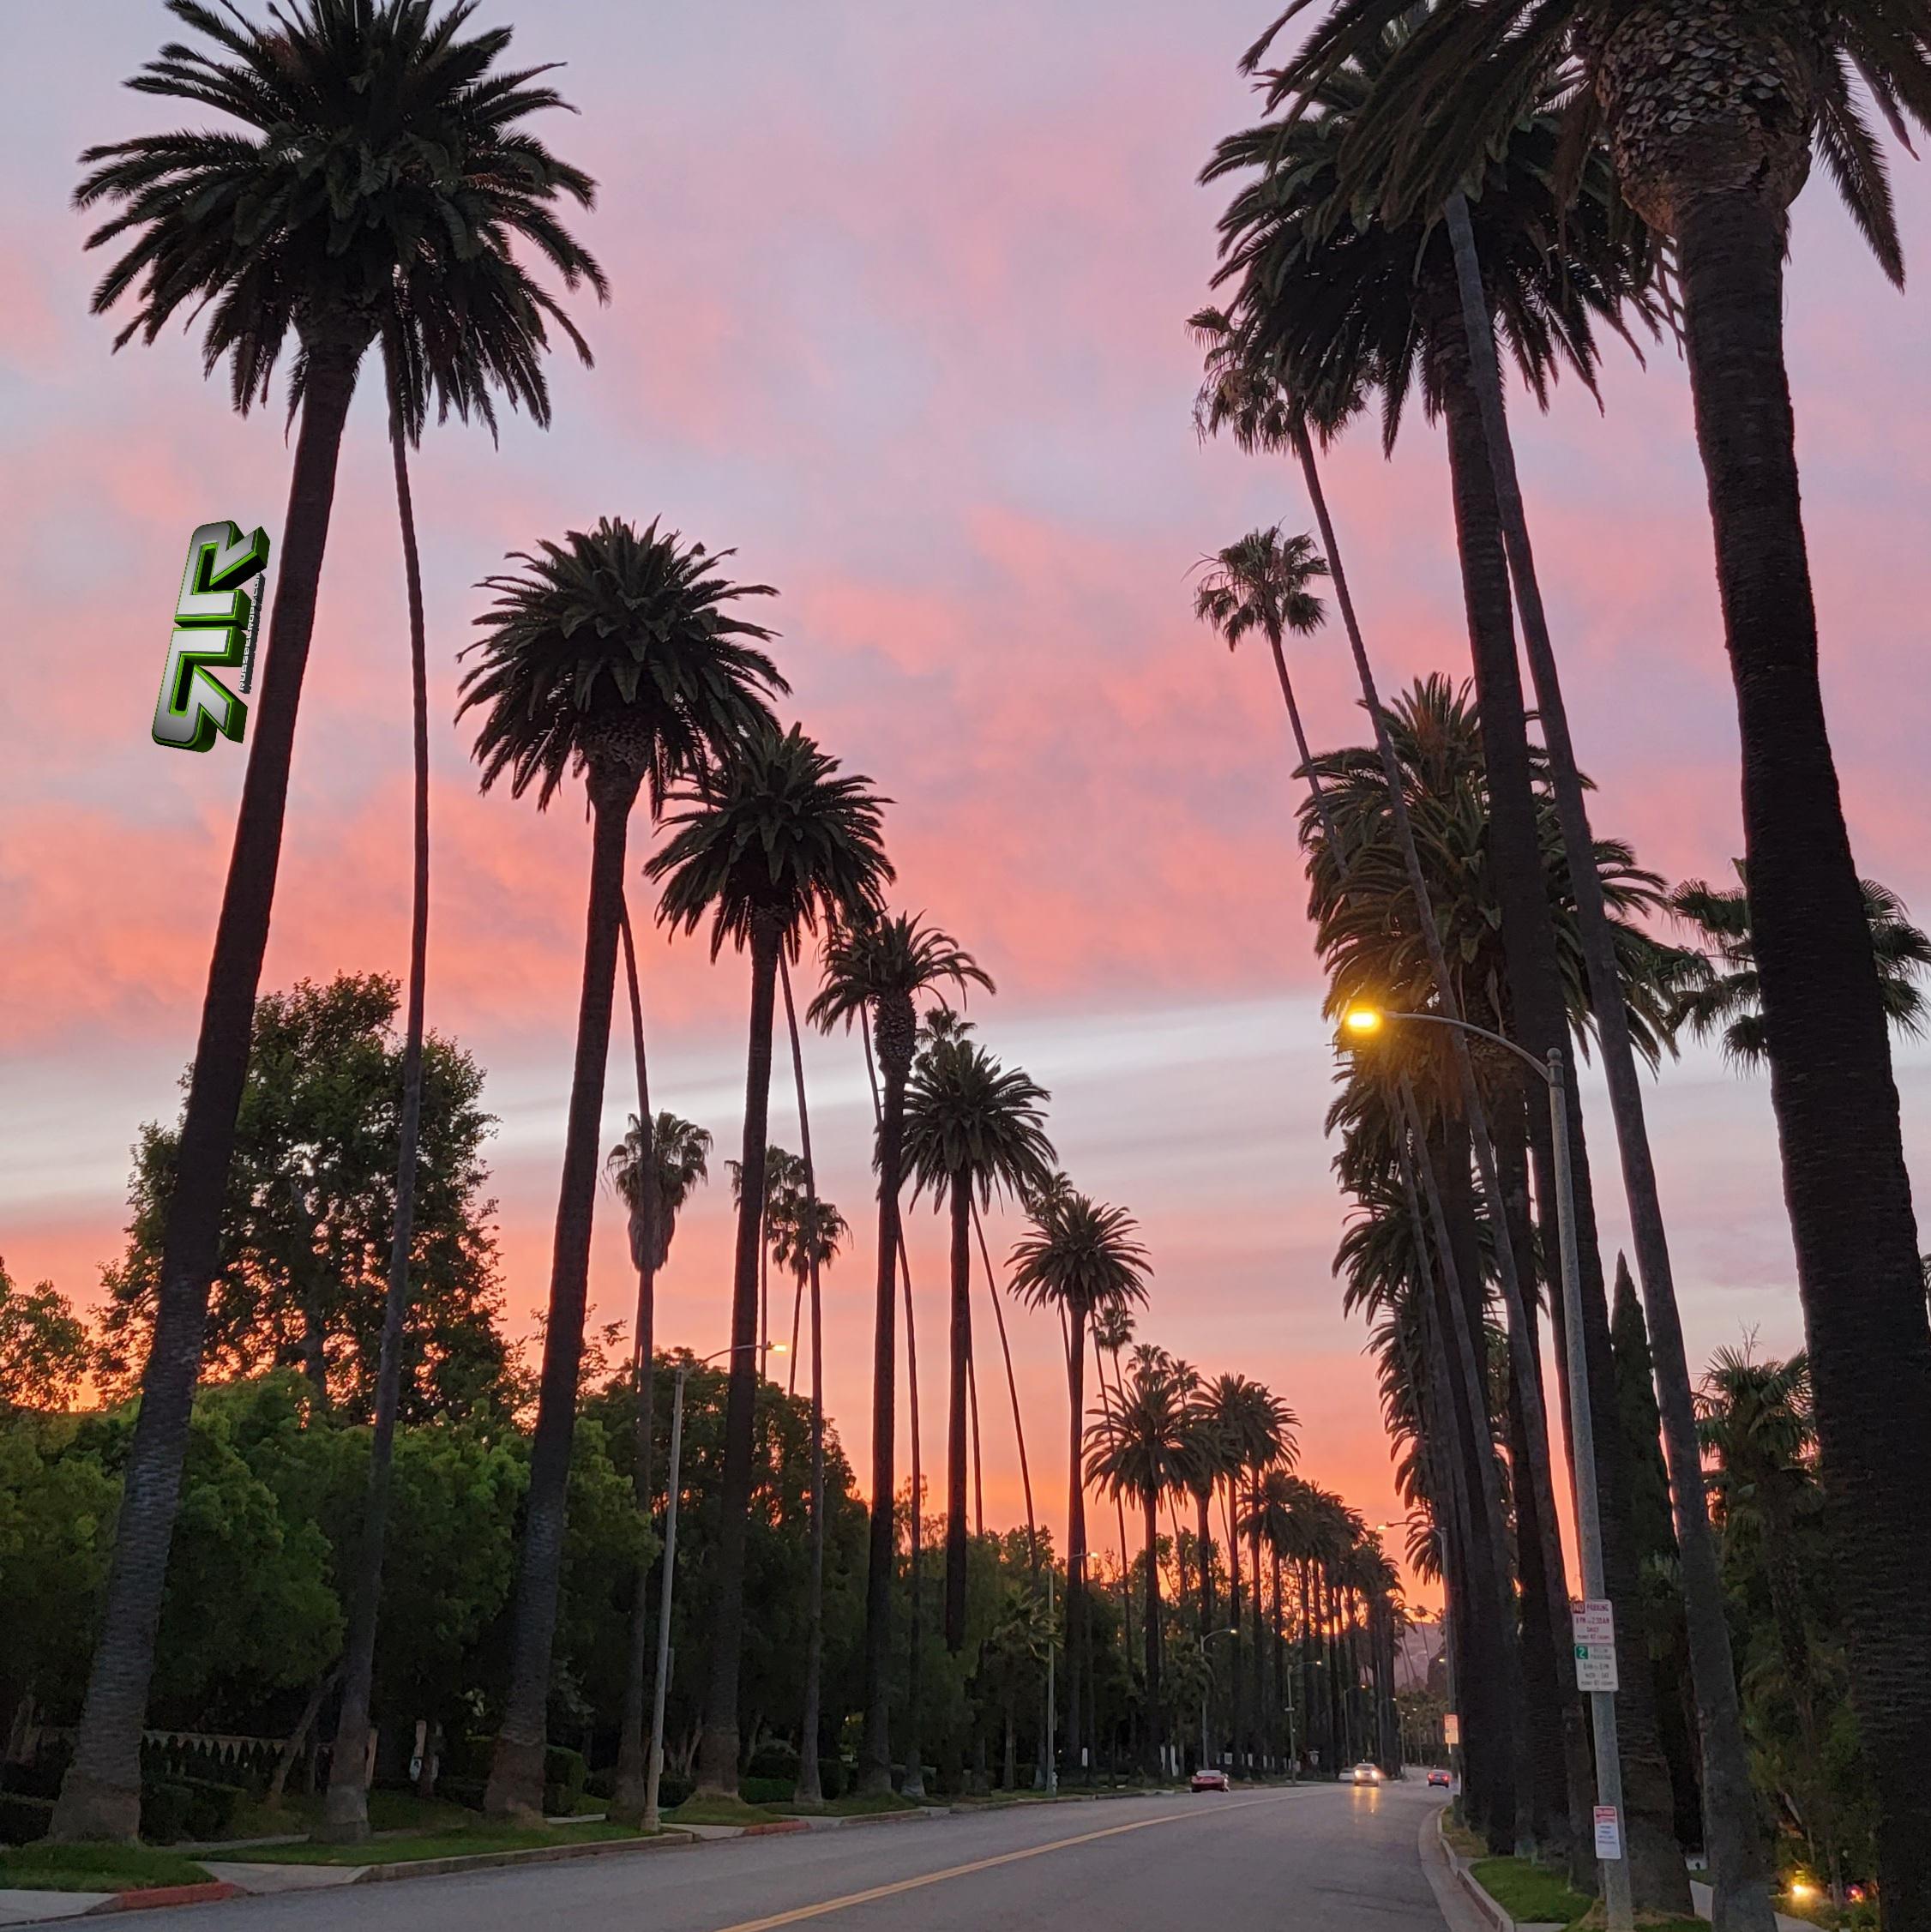 #Sunset @RussellRope